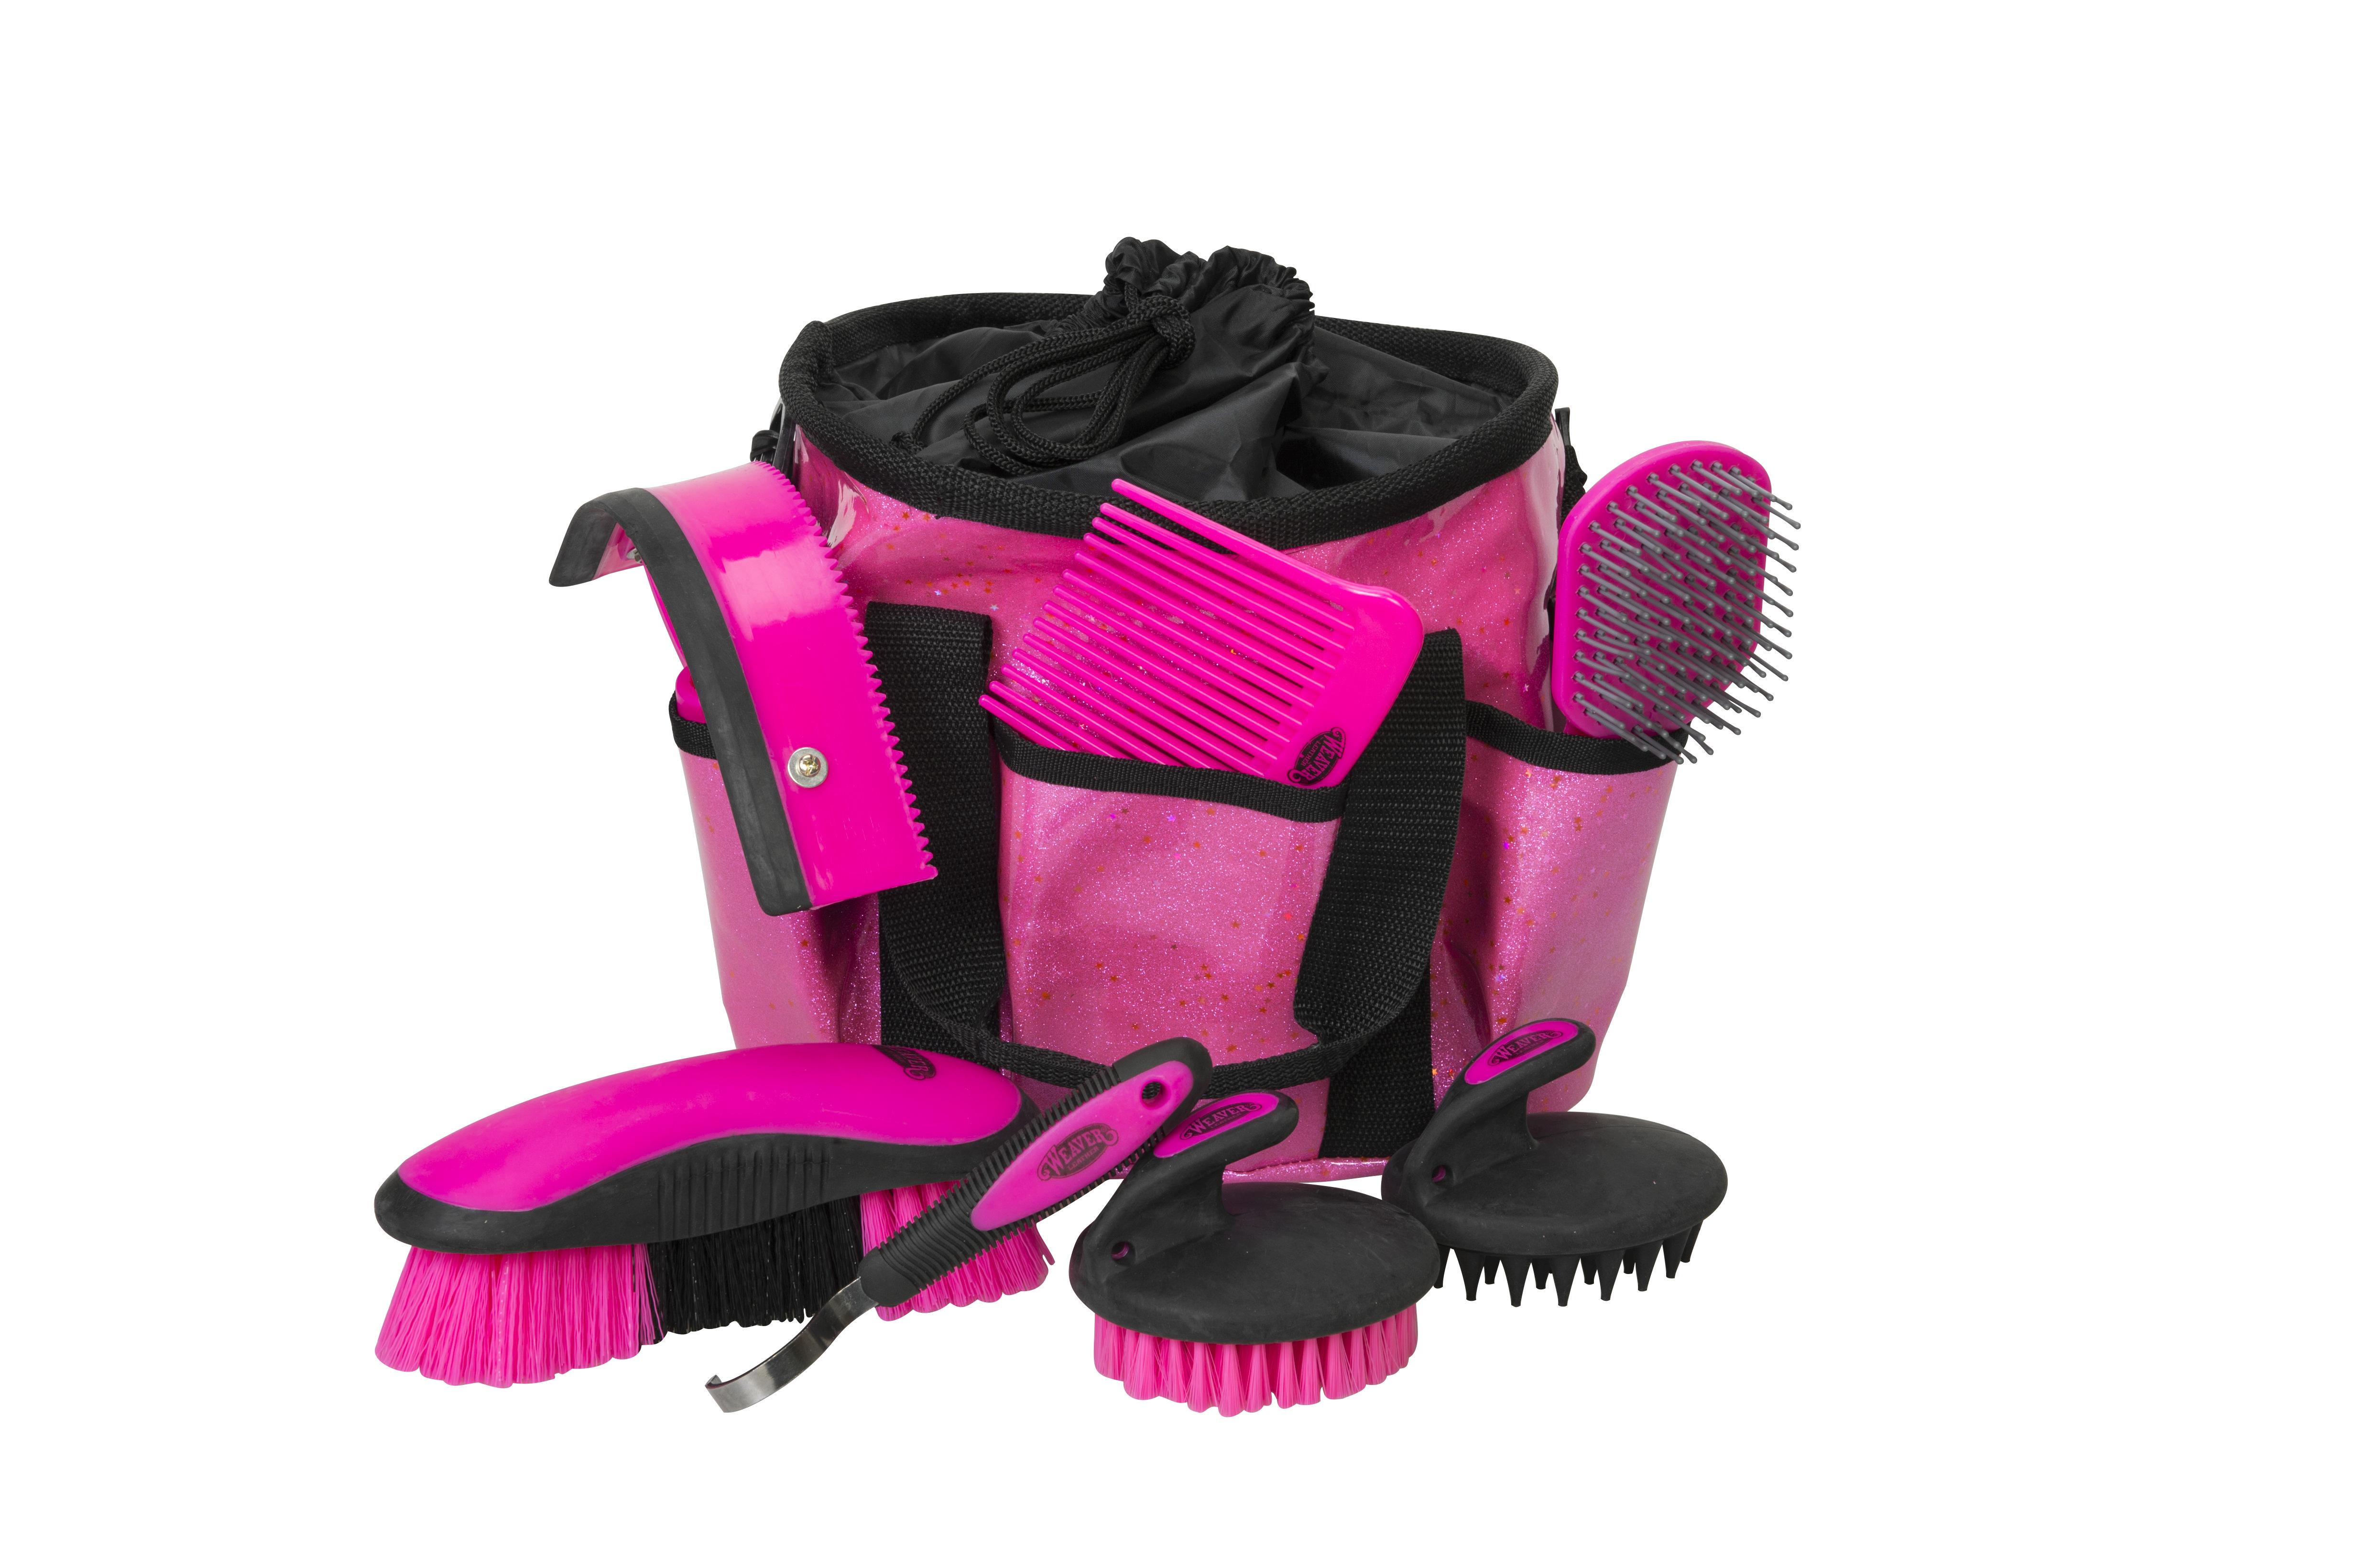 Weaver Glitter Grooming Kit